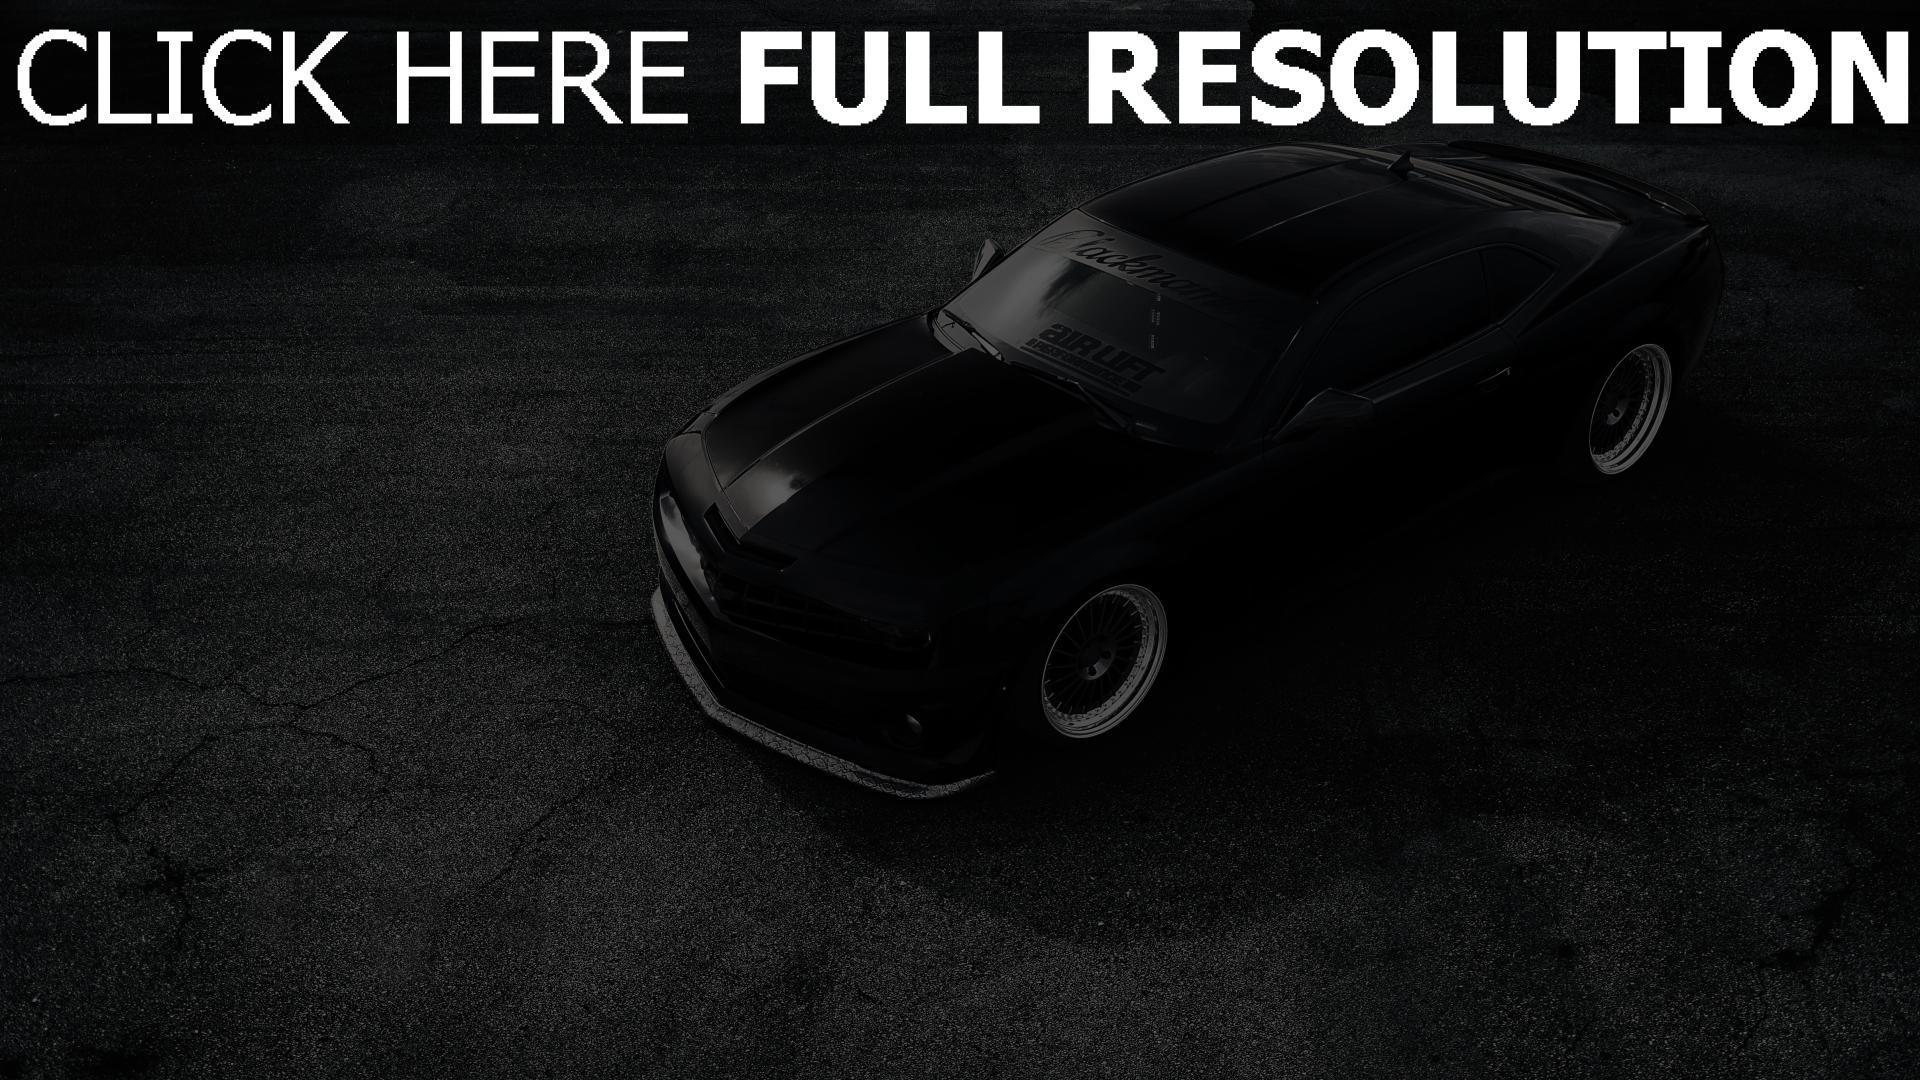 Hd Hintergrundbilder Matt Schwarz Zl1 Chevrolet Camaro